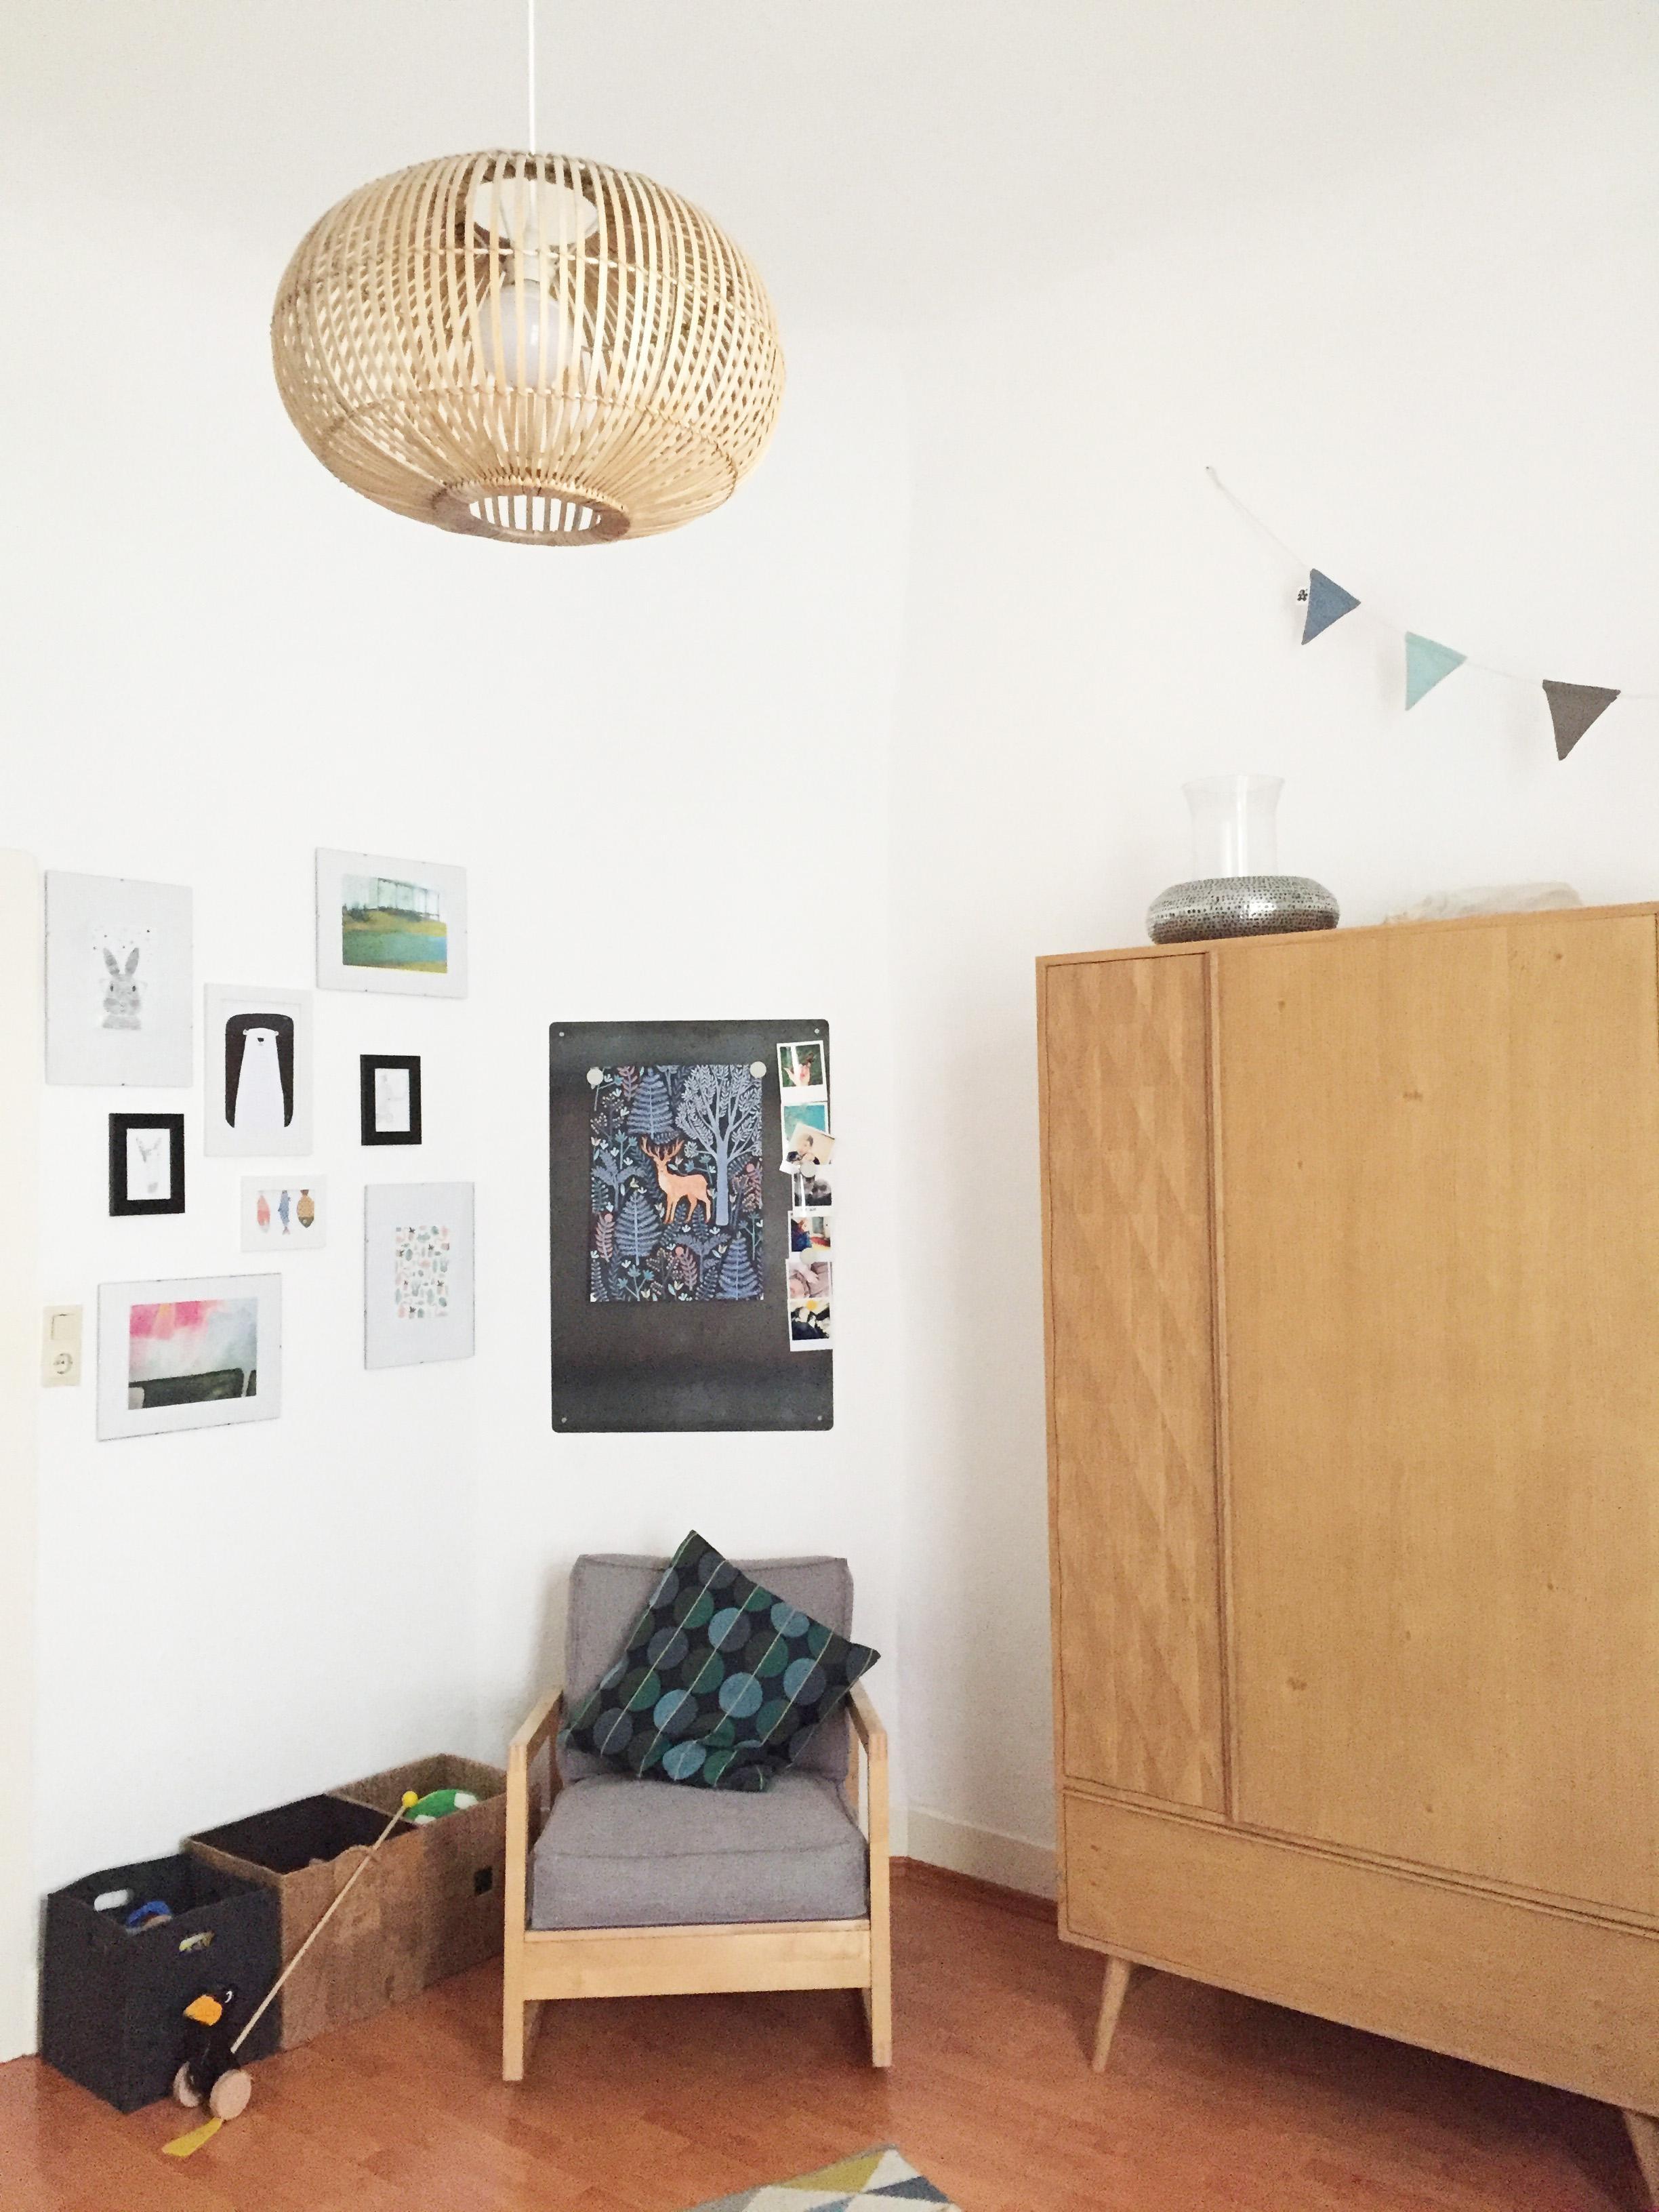 Bunte Kinderzimmermobel Ideen | Kinderzimmer Gemutlich Einrichten So Geht S